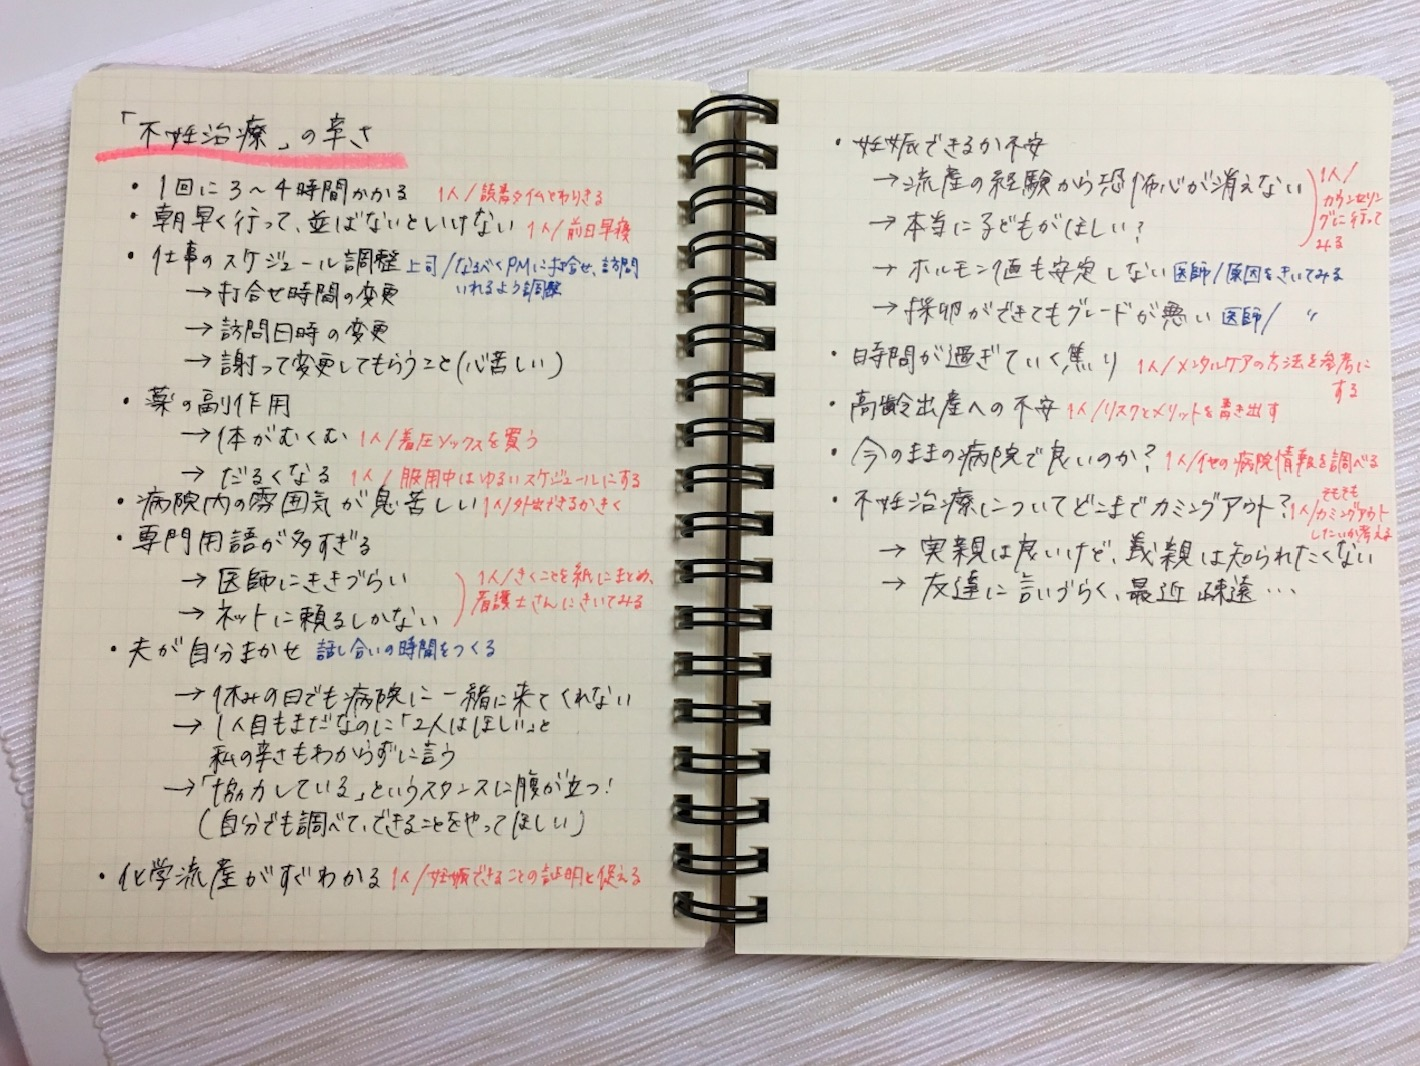 妊活 ストレスとの向き合い方02